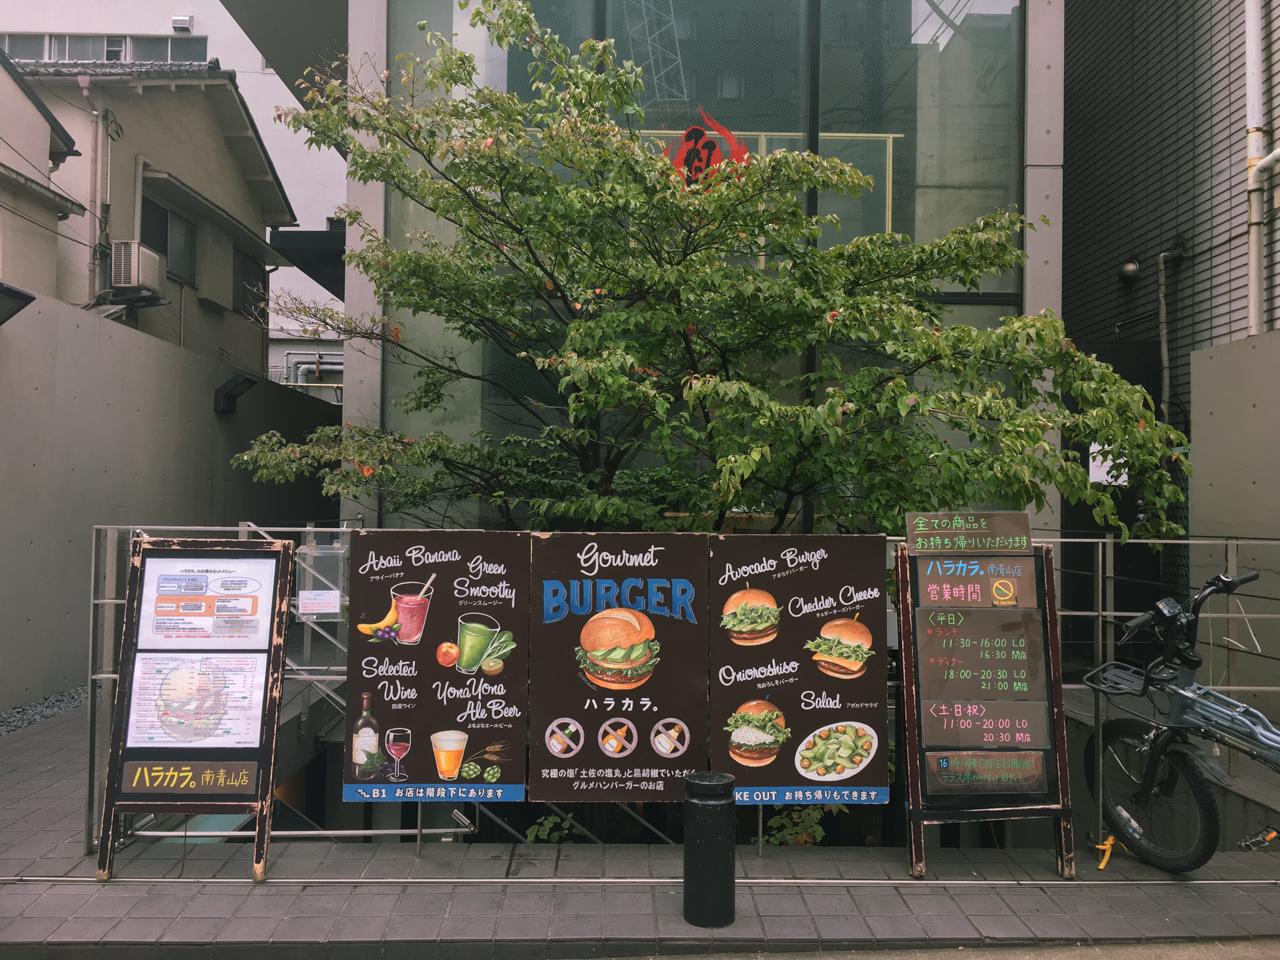 ハンバーガーの看板が目に付きます